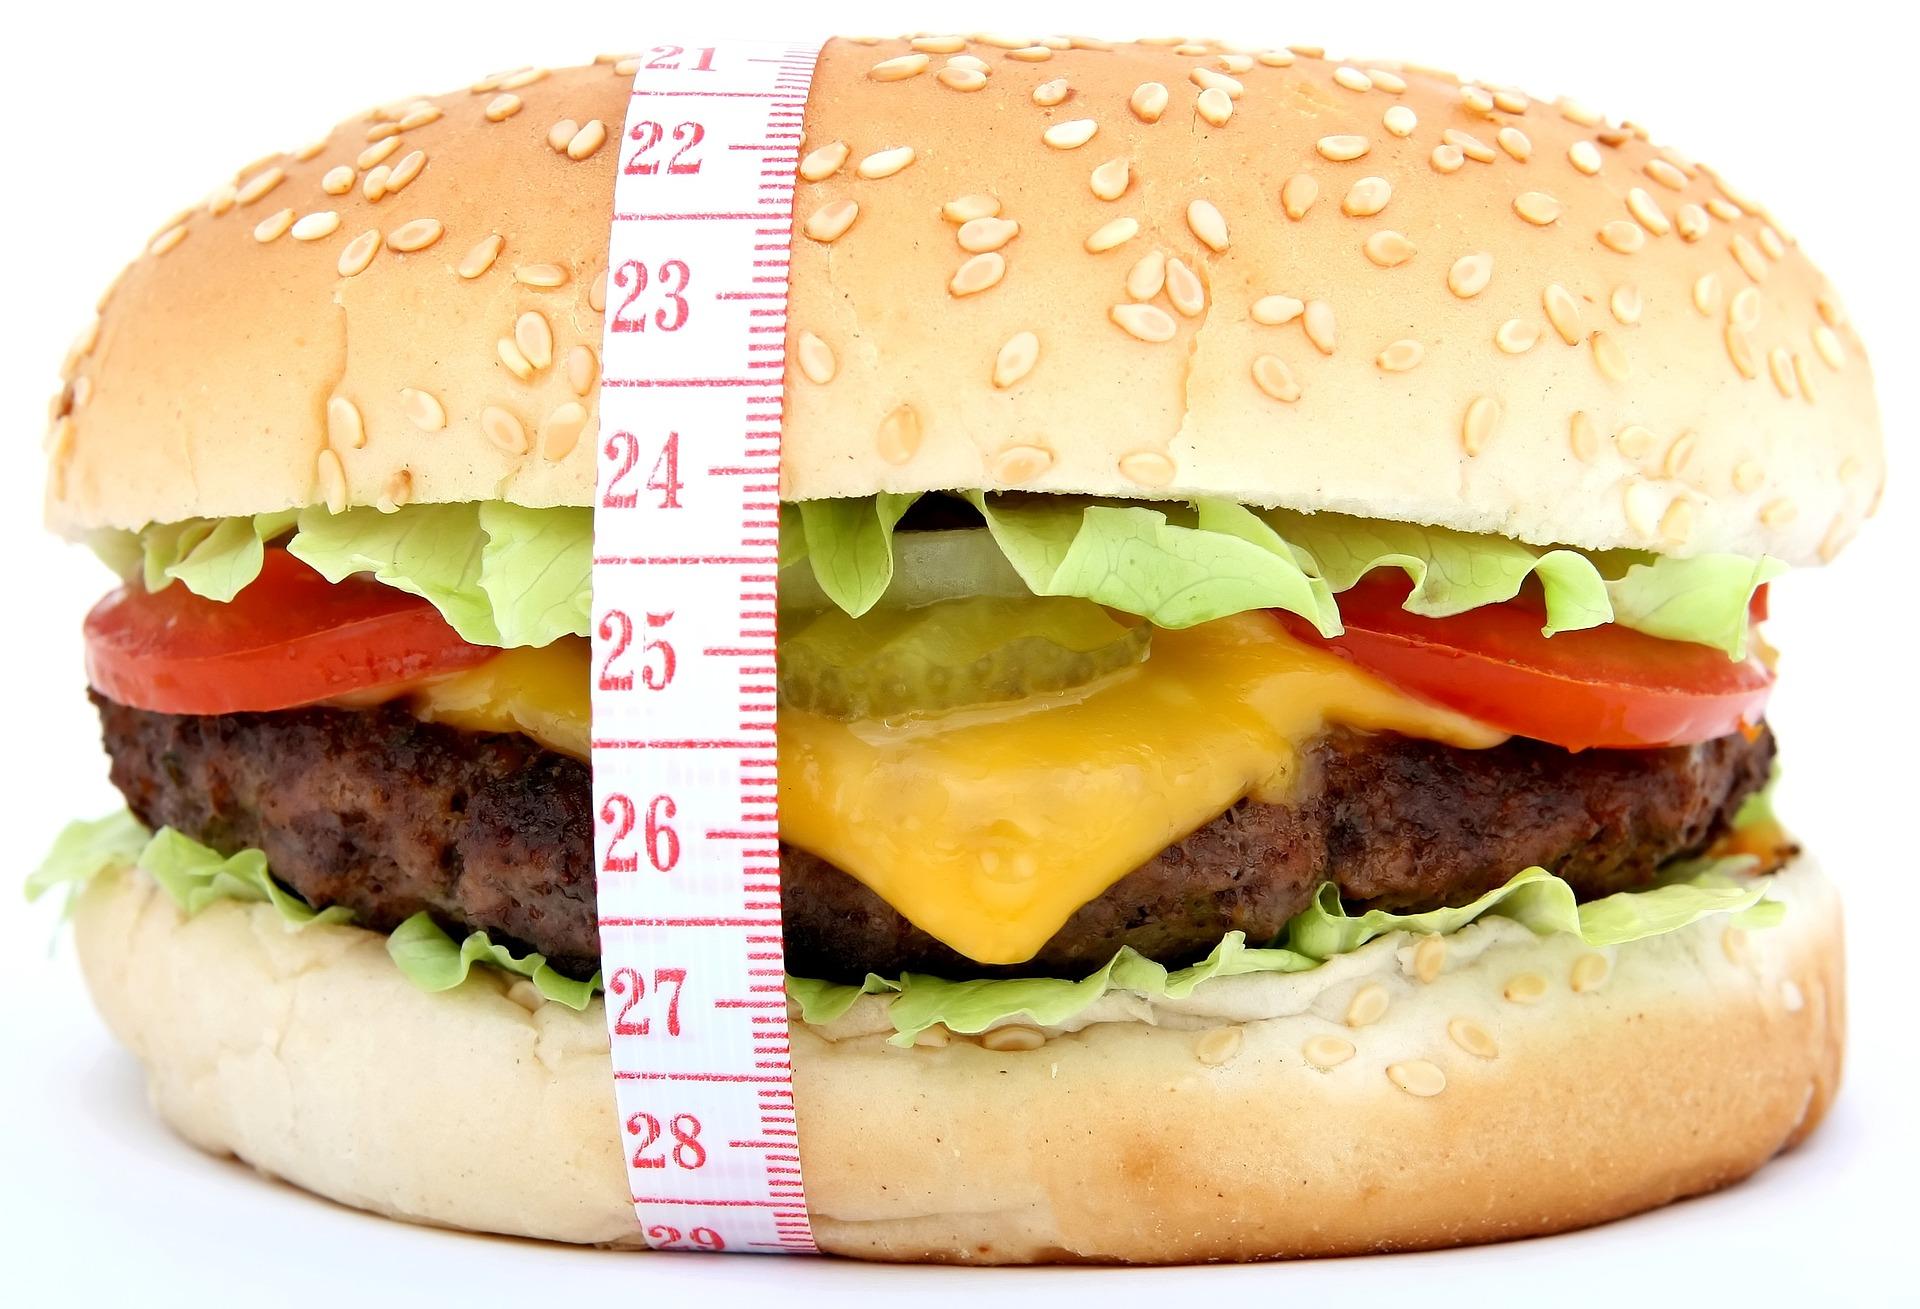 肥満大国アメリカで危険な「赤信号」点る!?